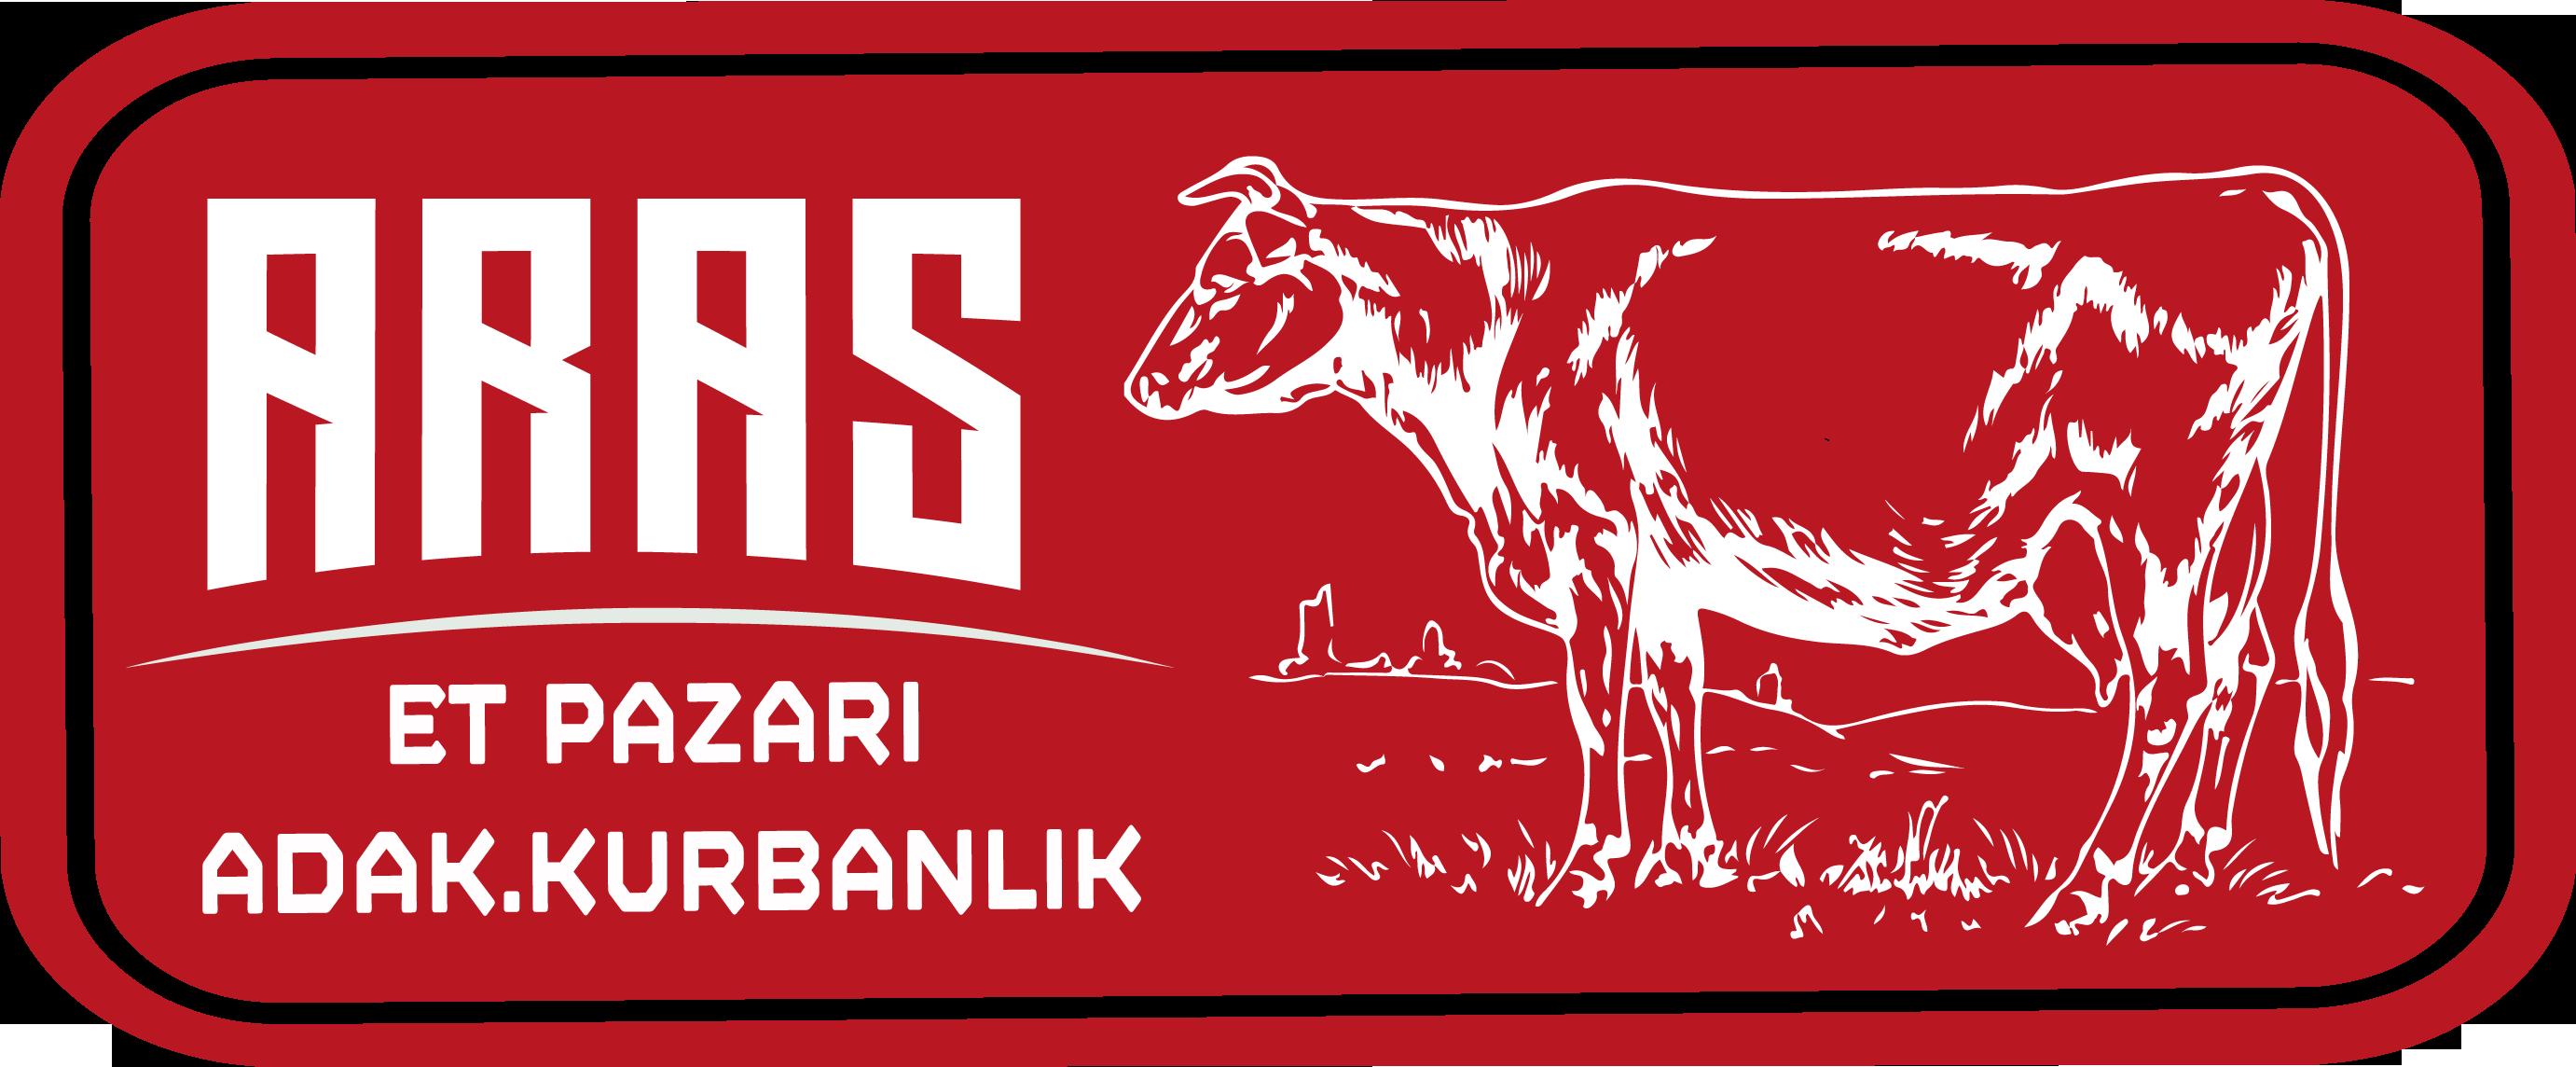 Aras Adak - Adak Çekmeköy